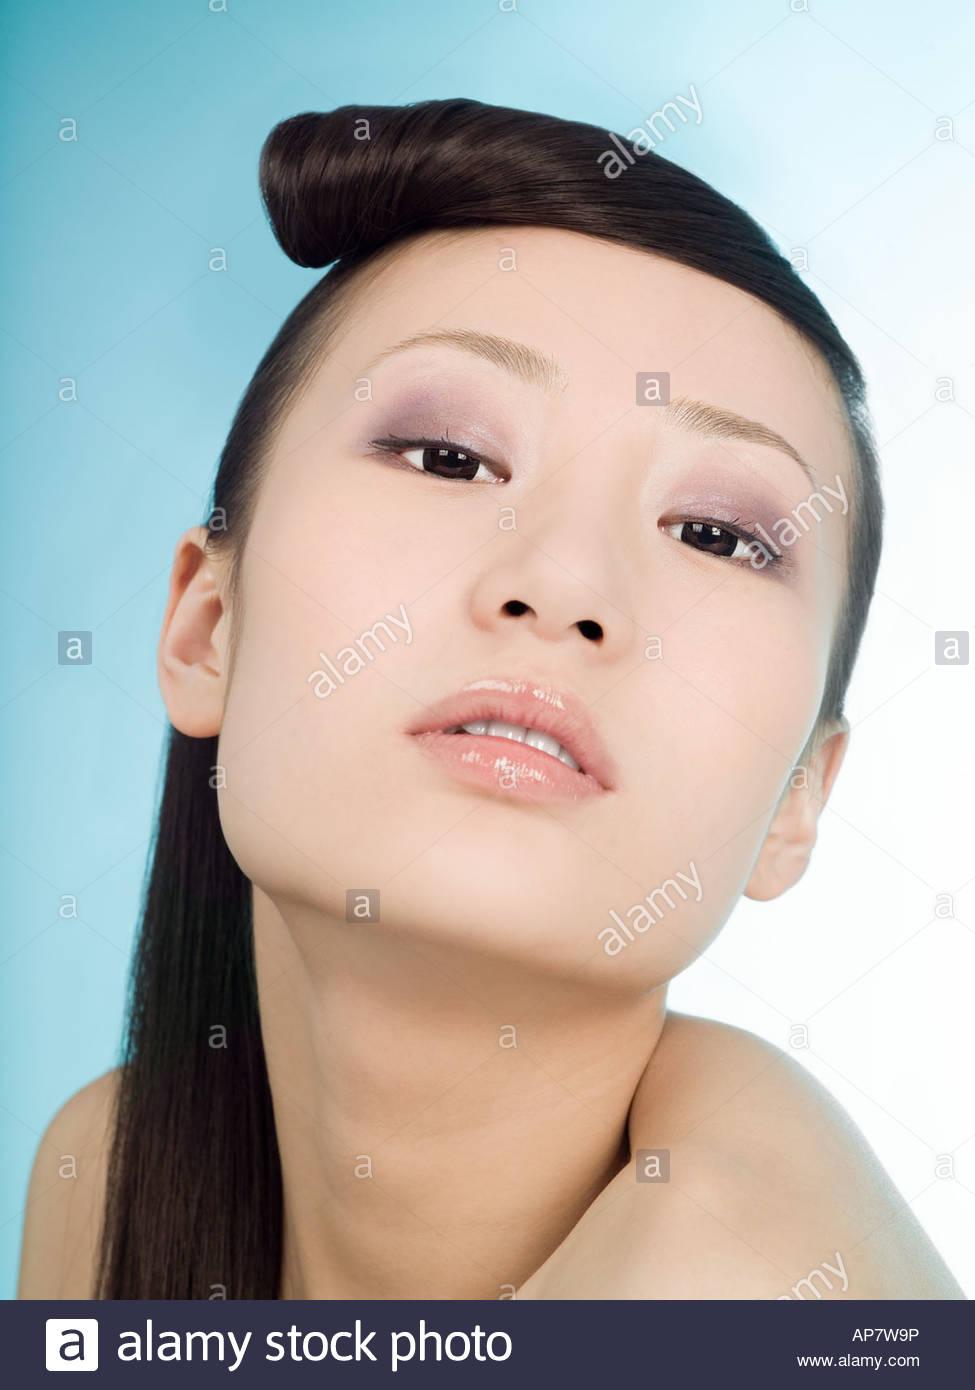 Porträt einer jungen chinesischen Frau Stockbild